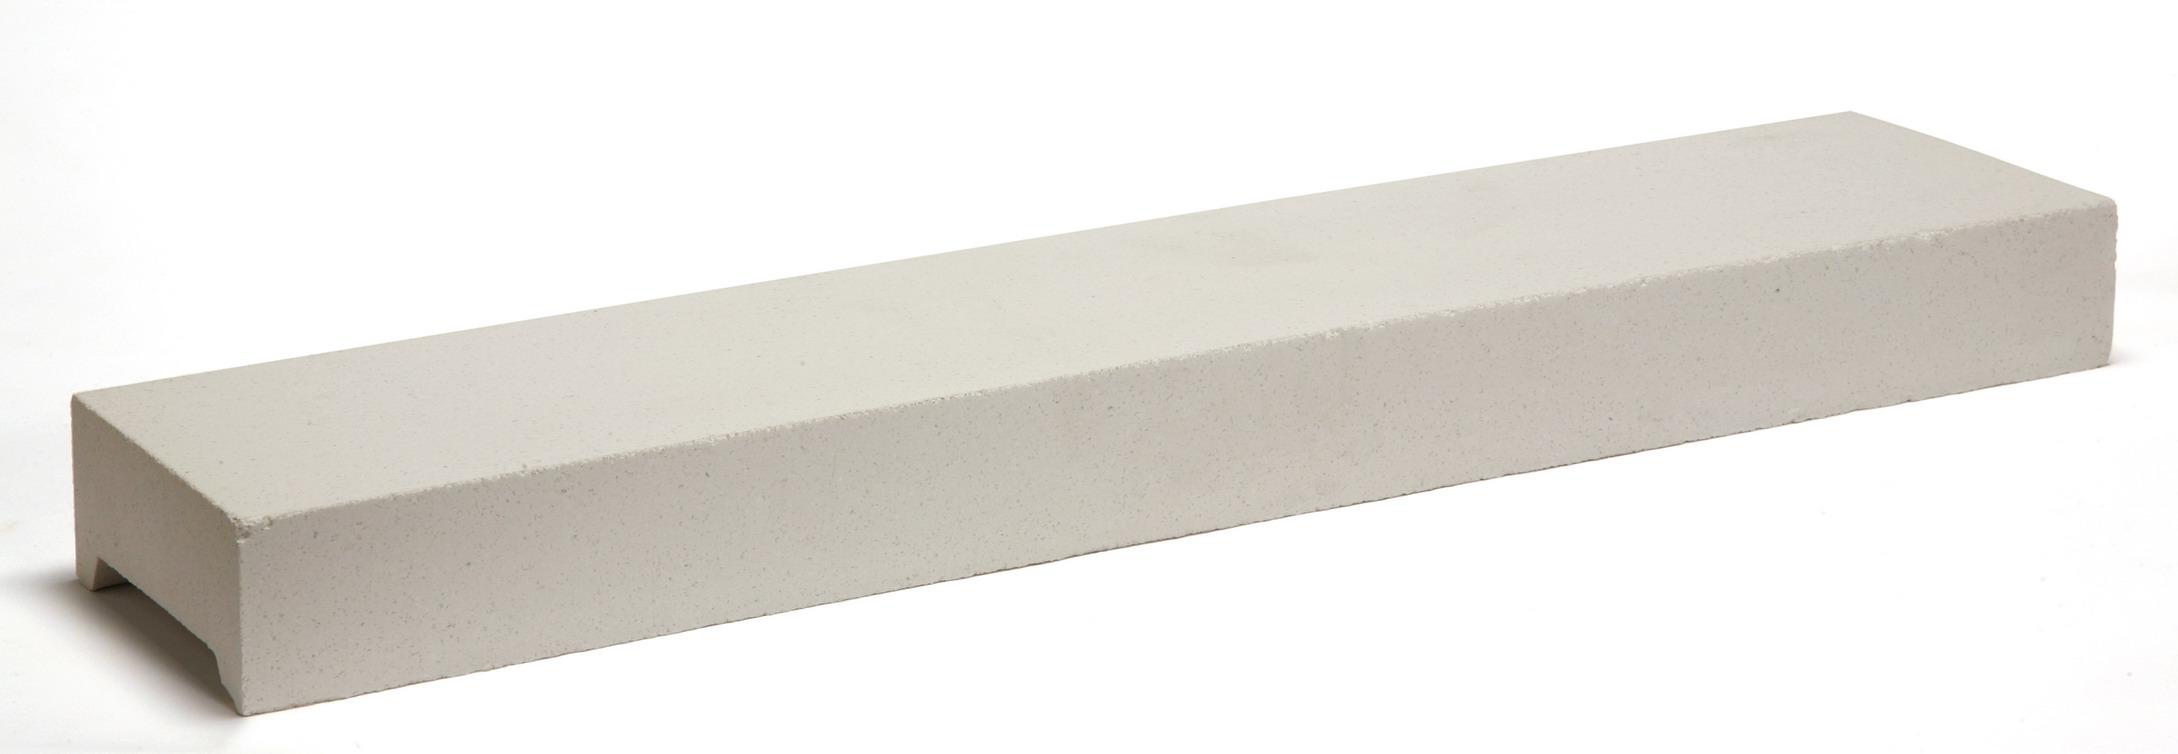 מעקה לגמר קירות משרביה מבטון